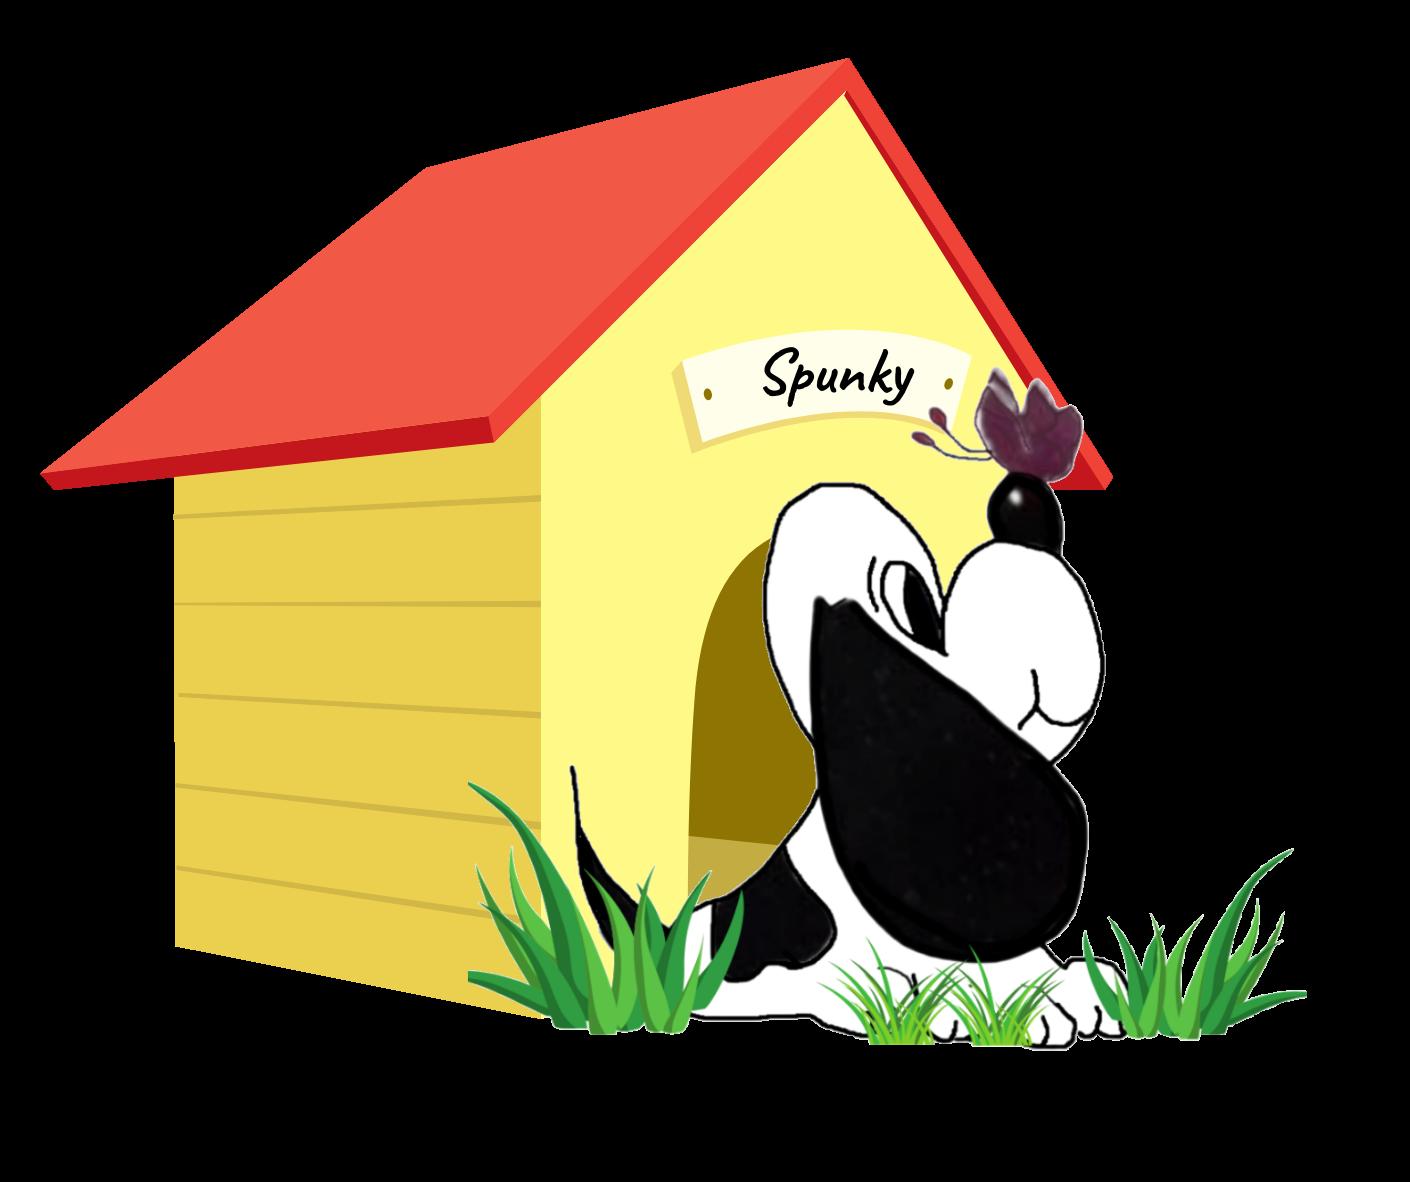 spunky-icon-246